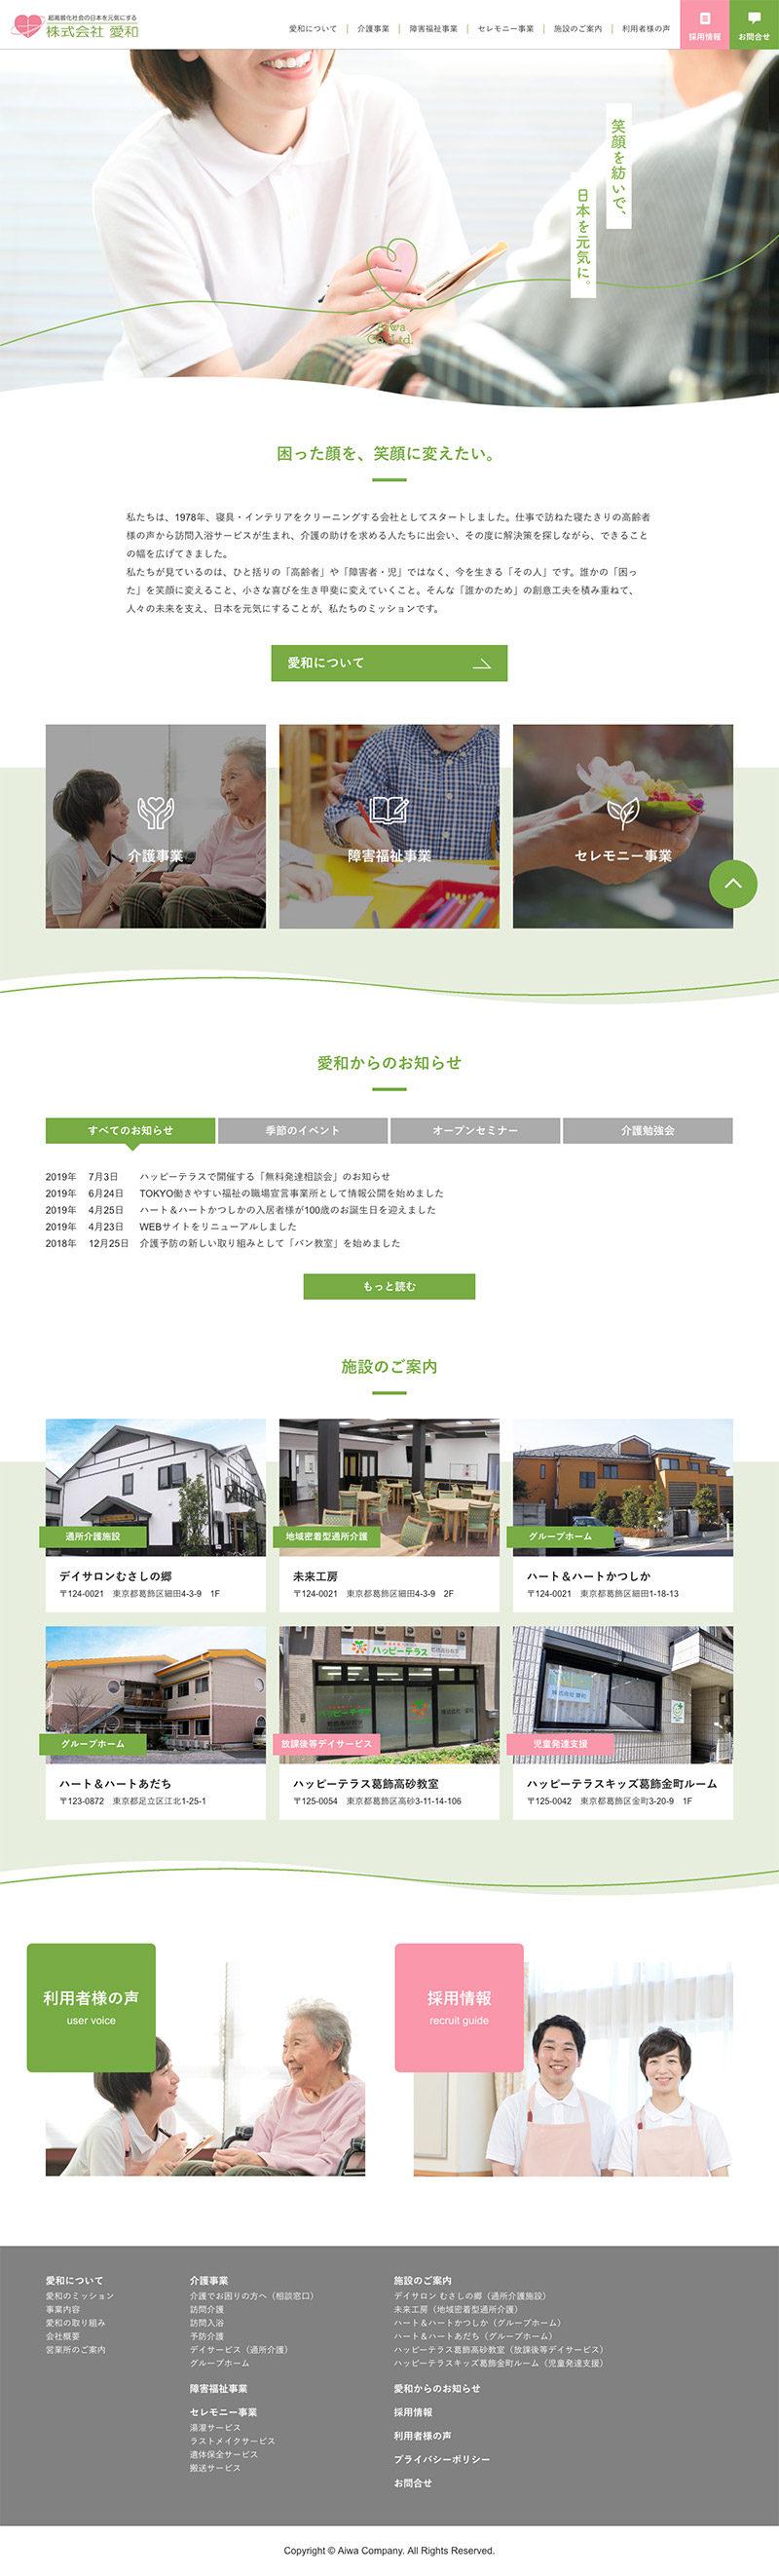 株式会社愛和 様|オフィシャルサイトTOP